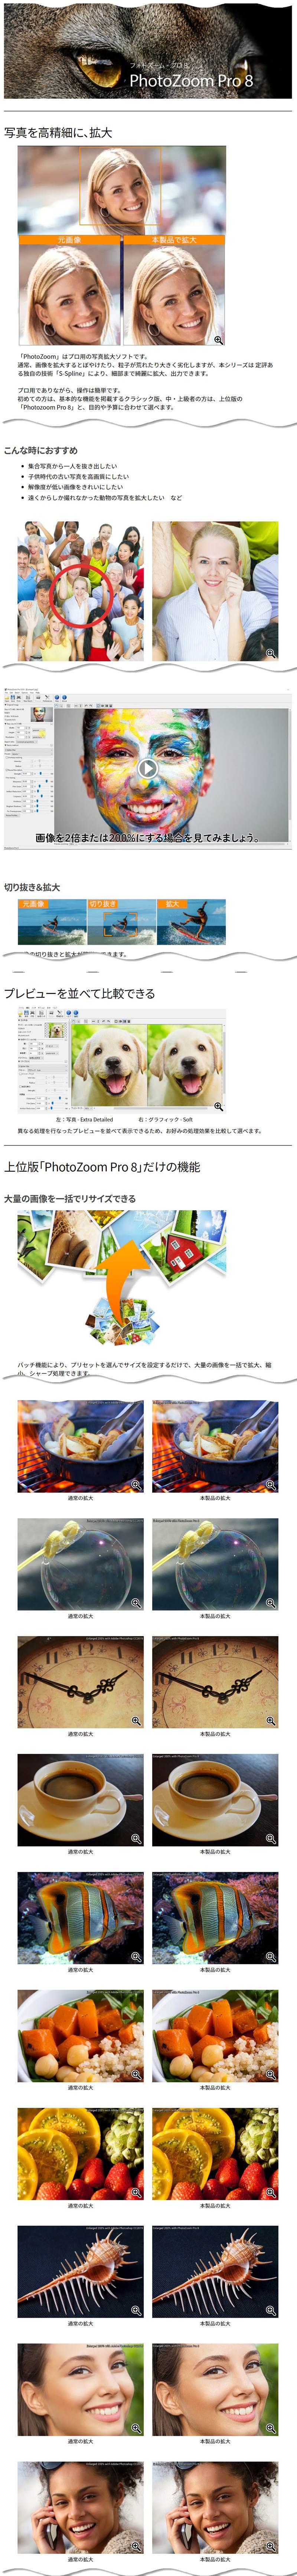 画像を簡単高画質で拡大、PhotoZoom Pro 8